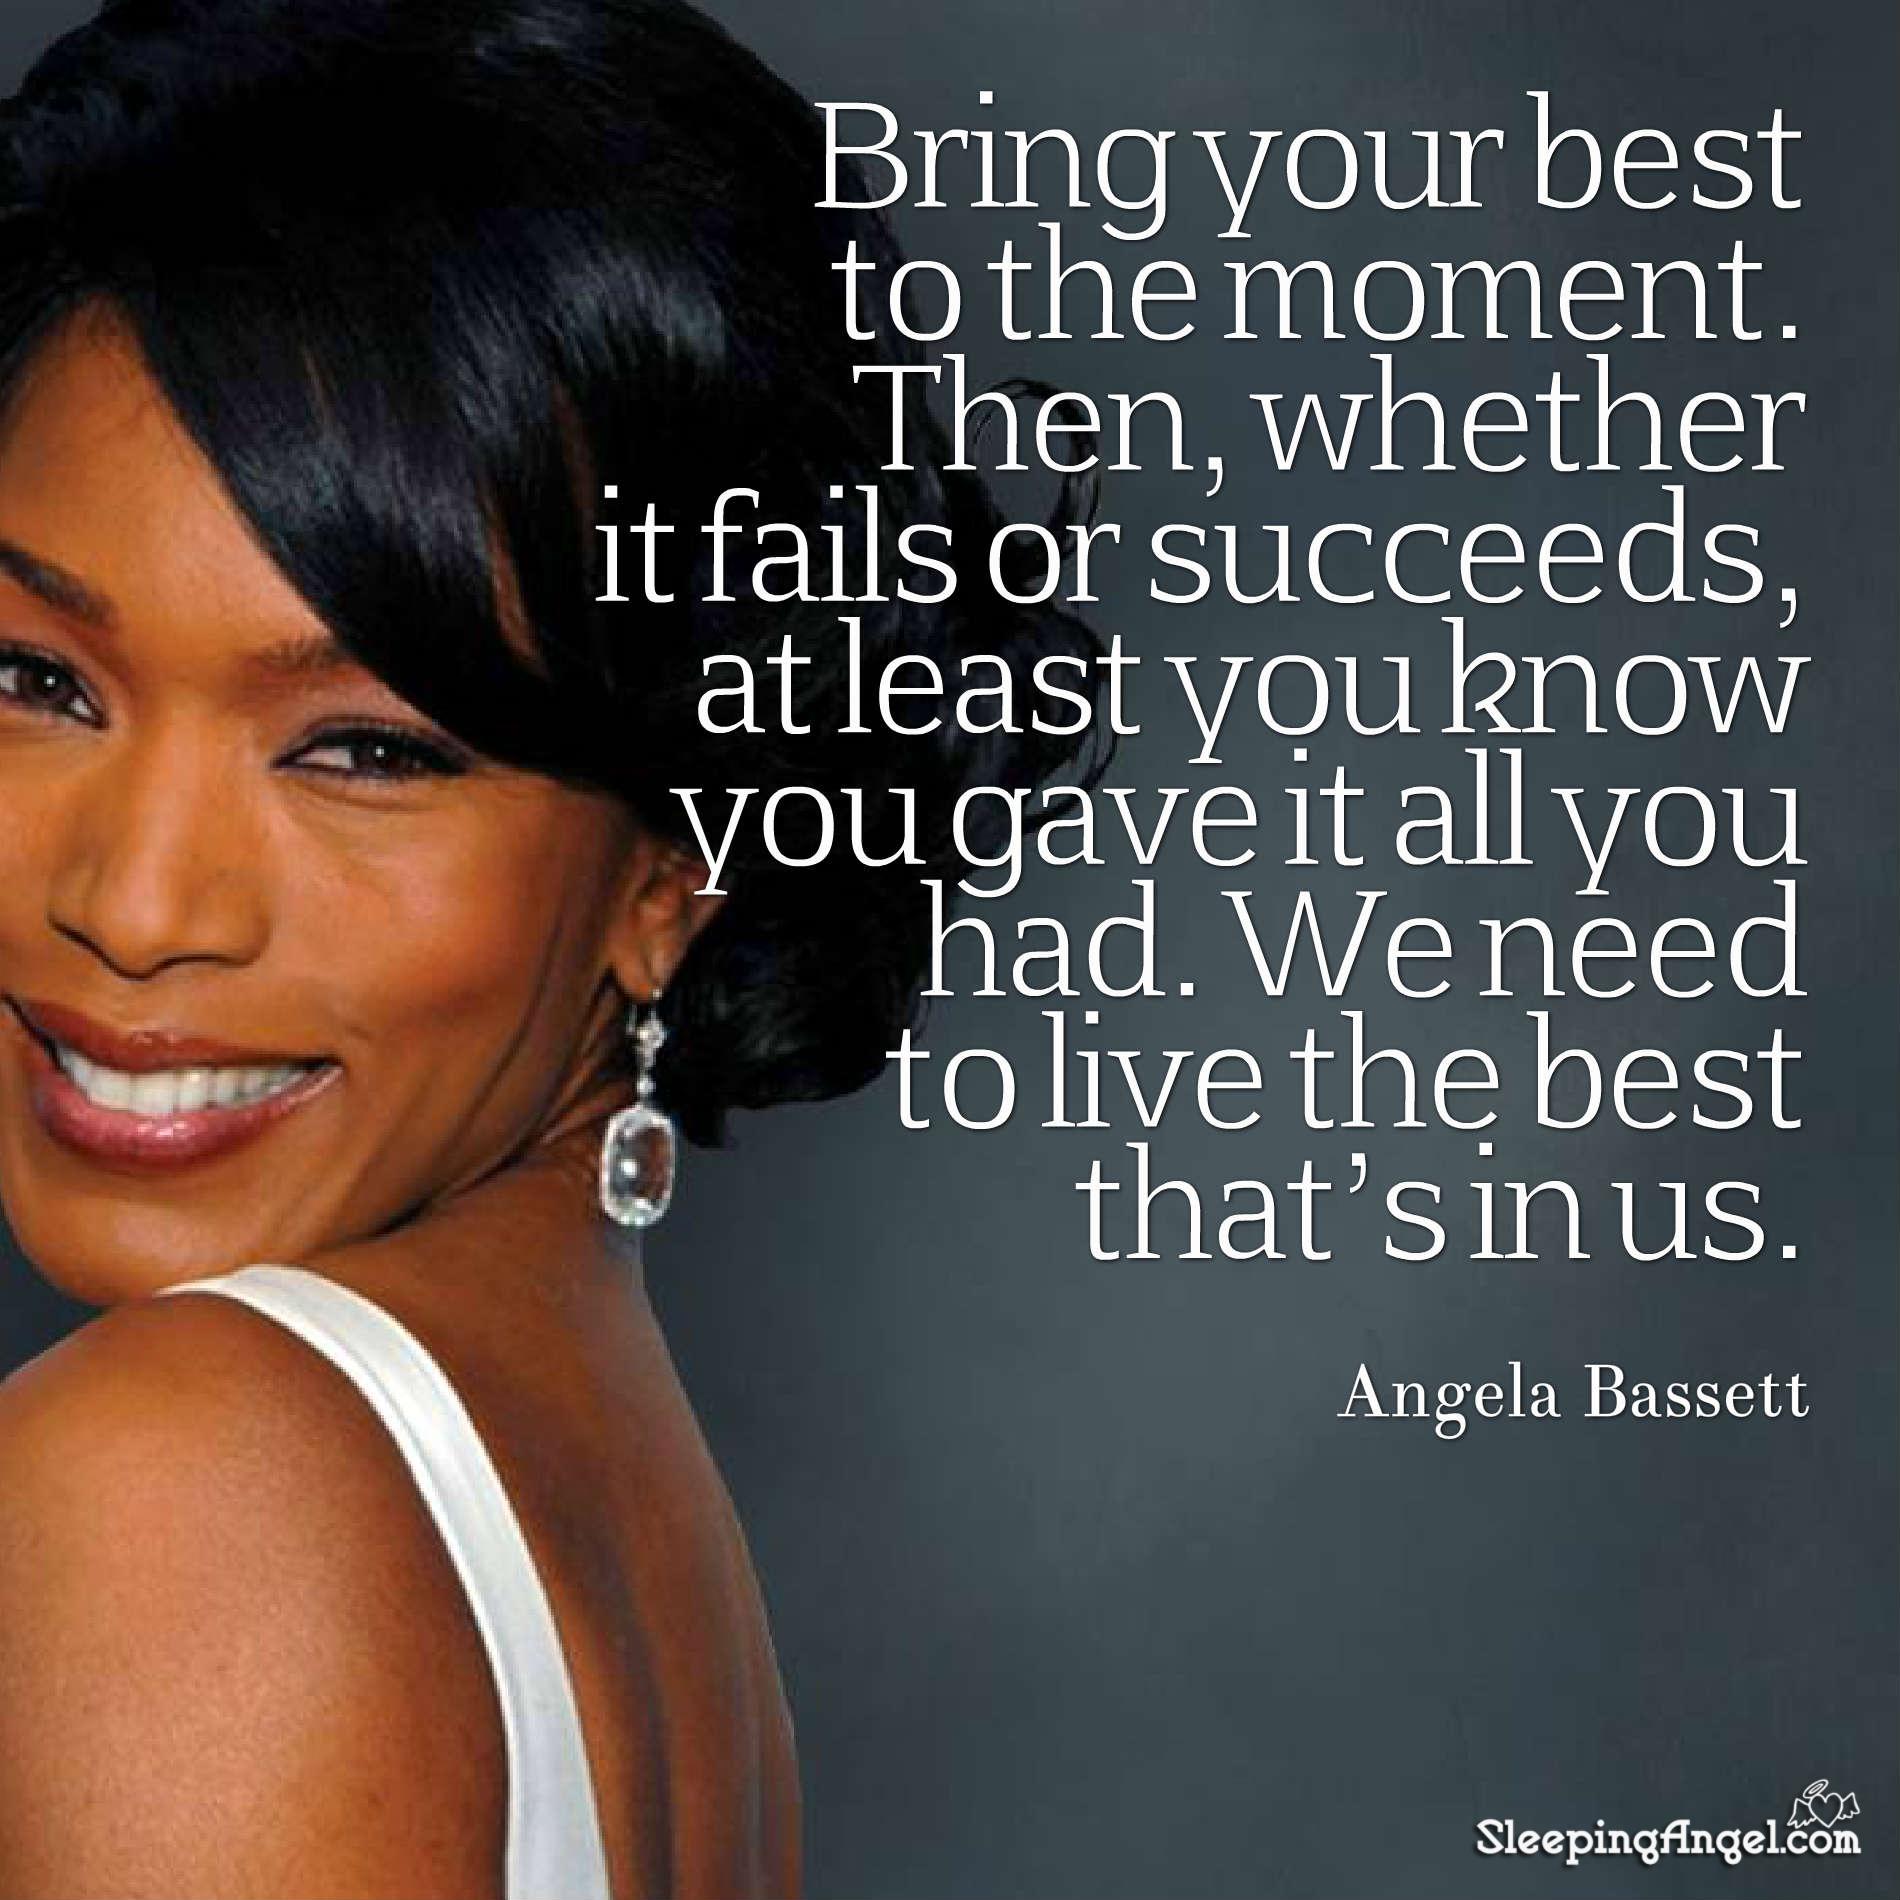 Angela Bassett Quote